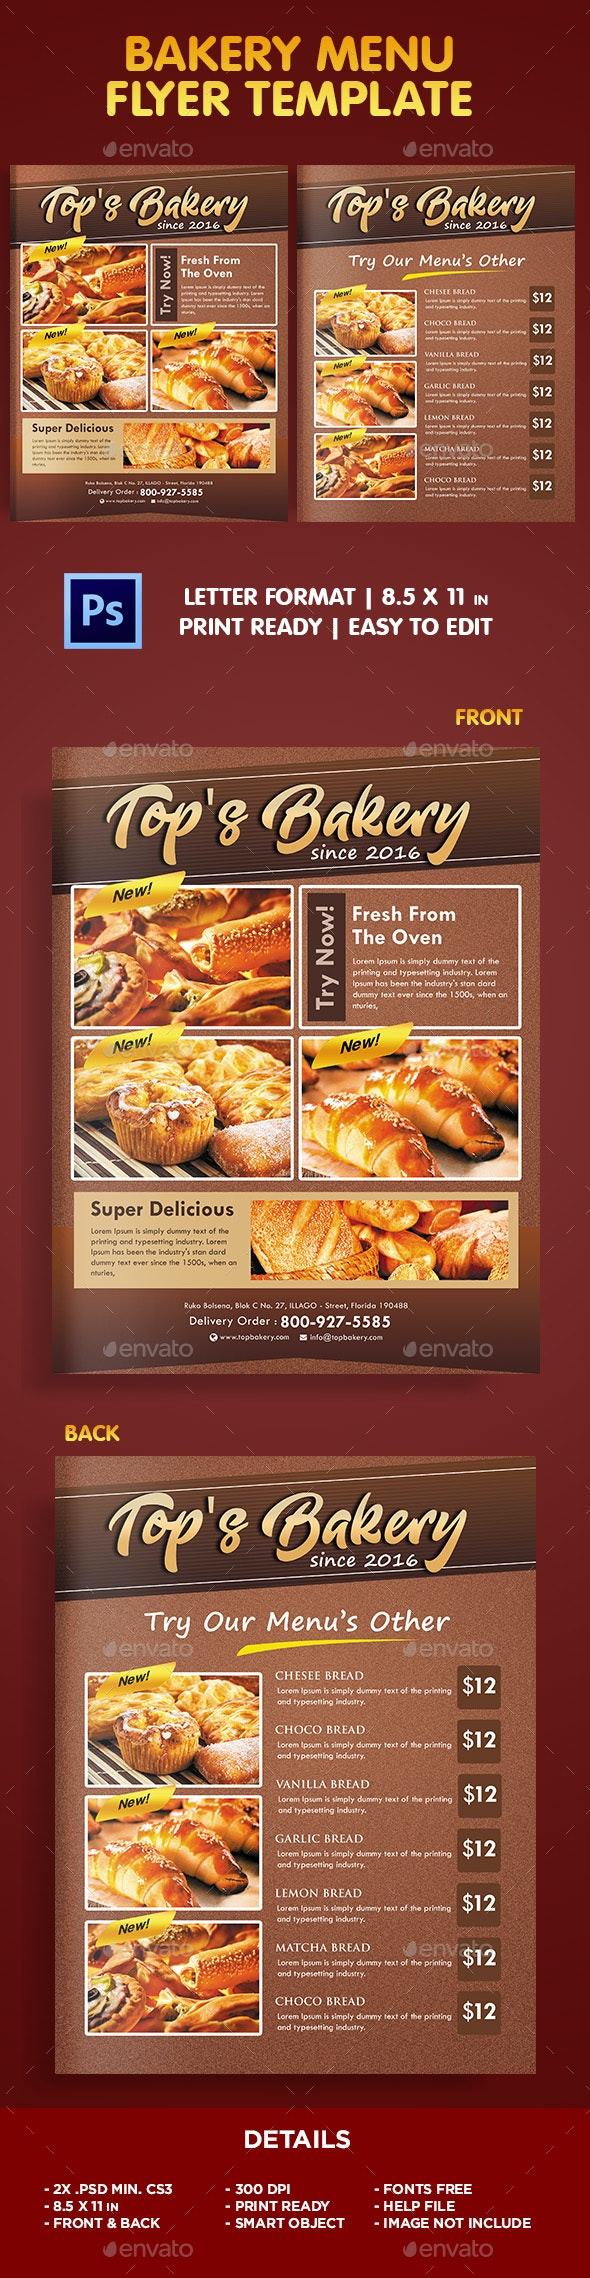 Bakery Menu Flyer Template - Flyers Print Templates